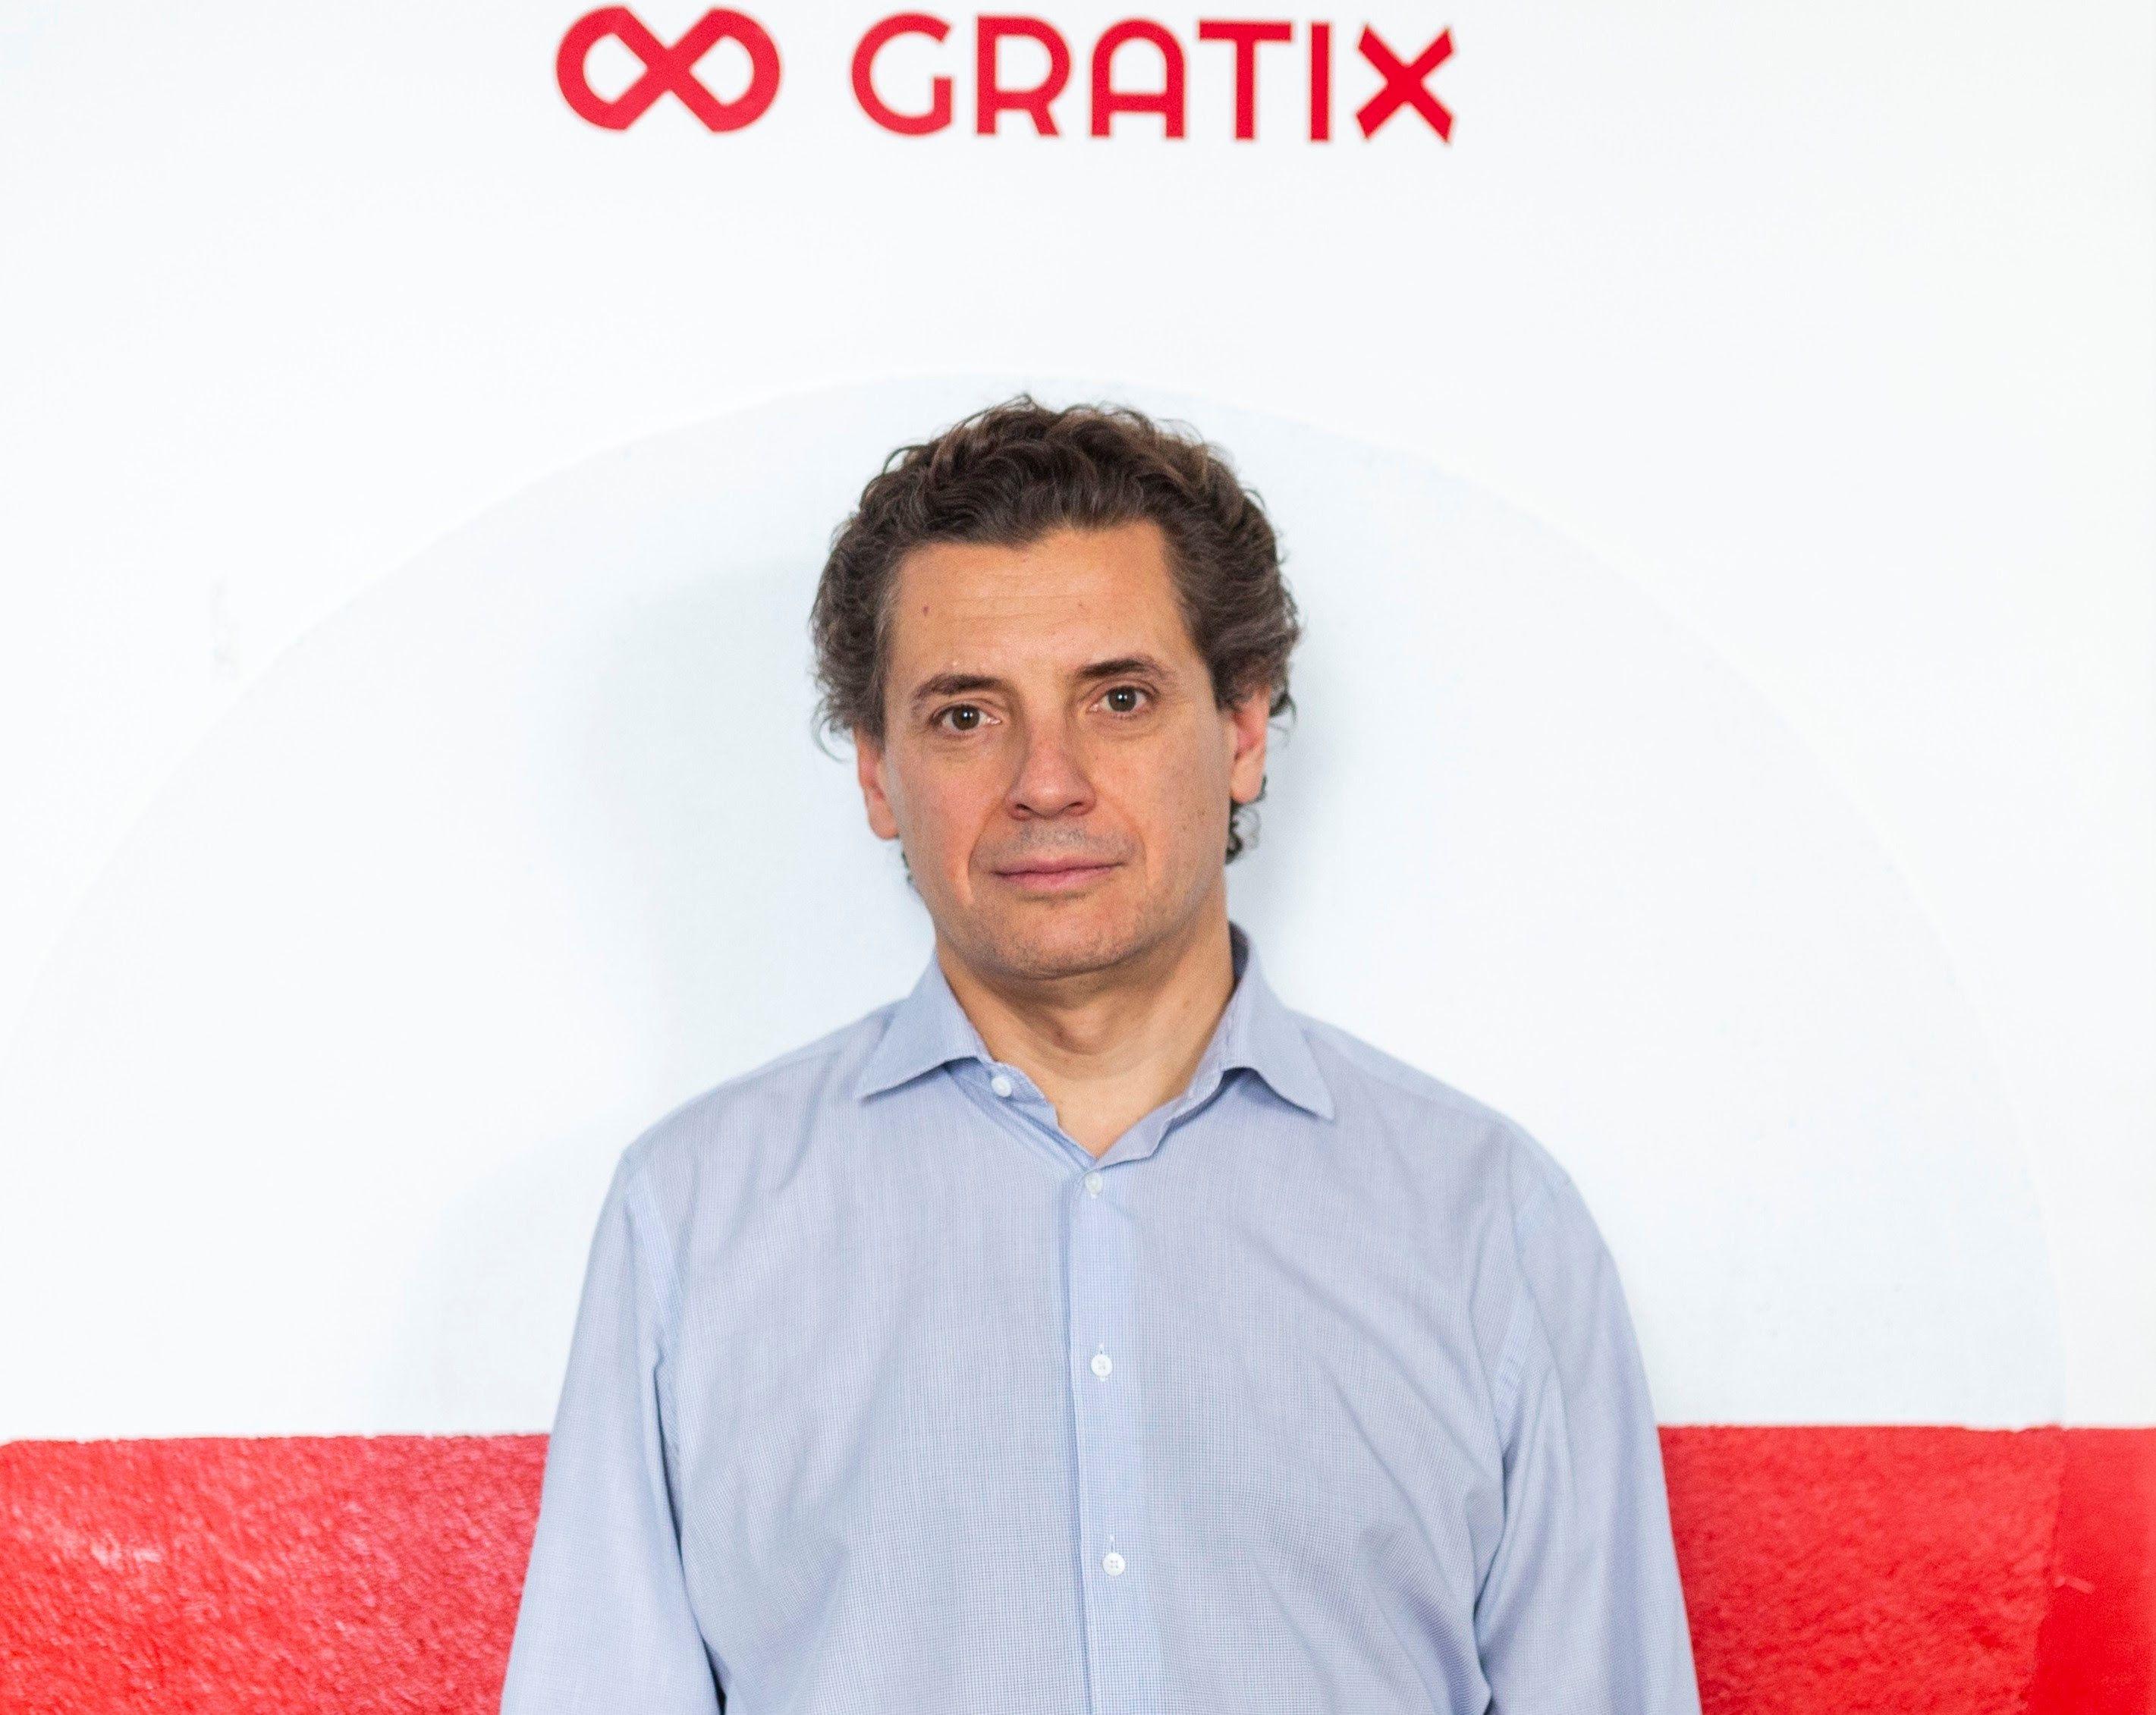 Nace Gratix, la app que da una segunda vida a lo que ya no se usa y promueve el consumo responsable